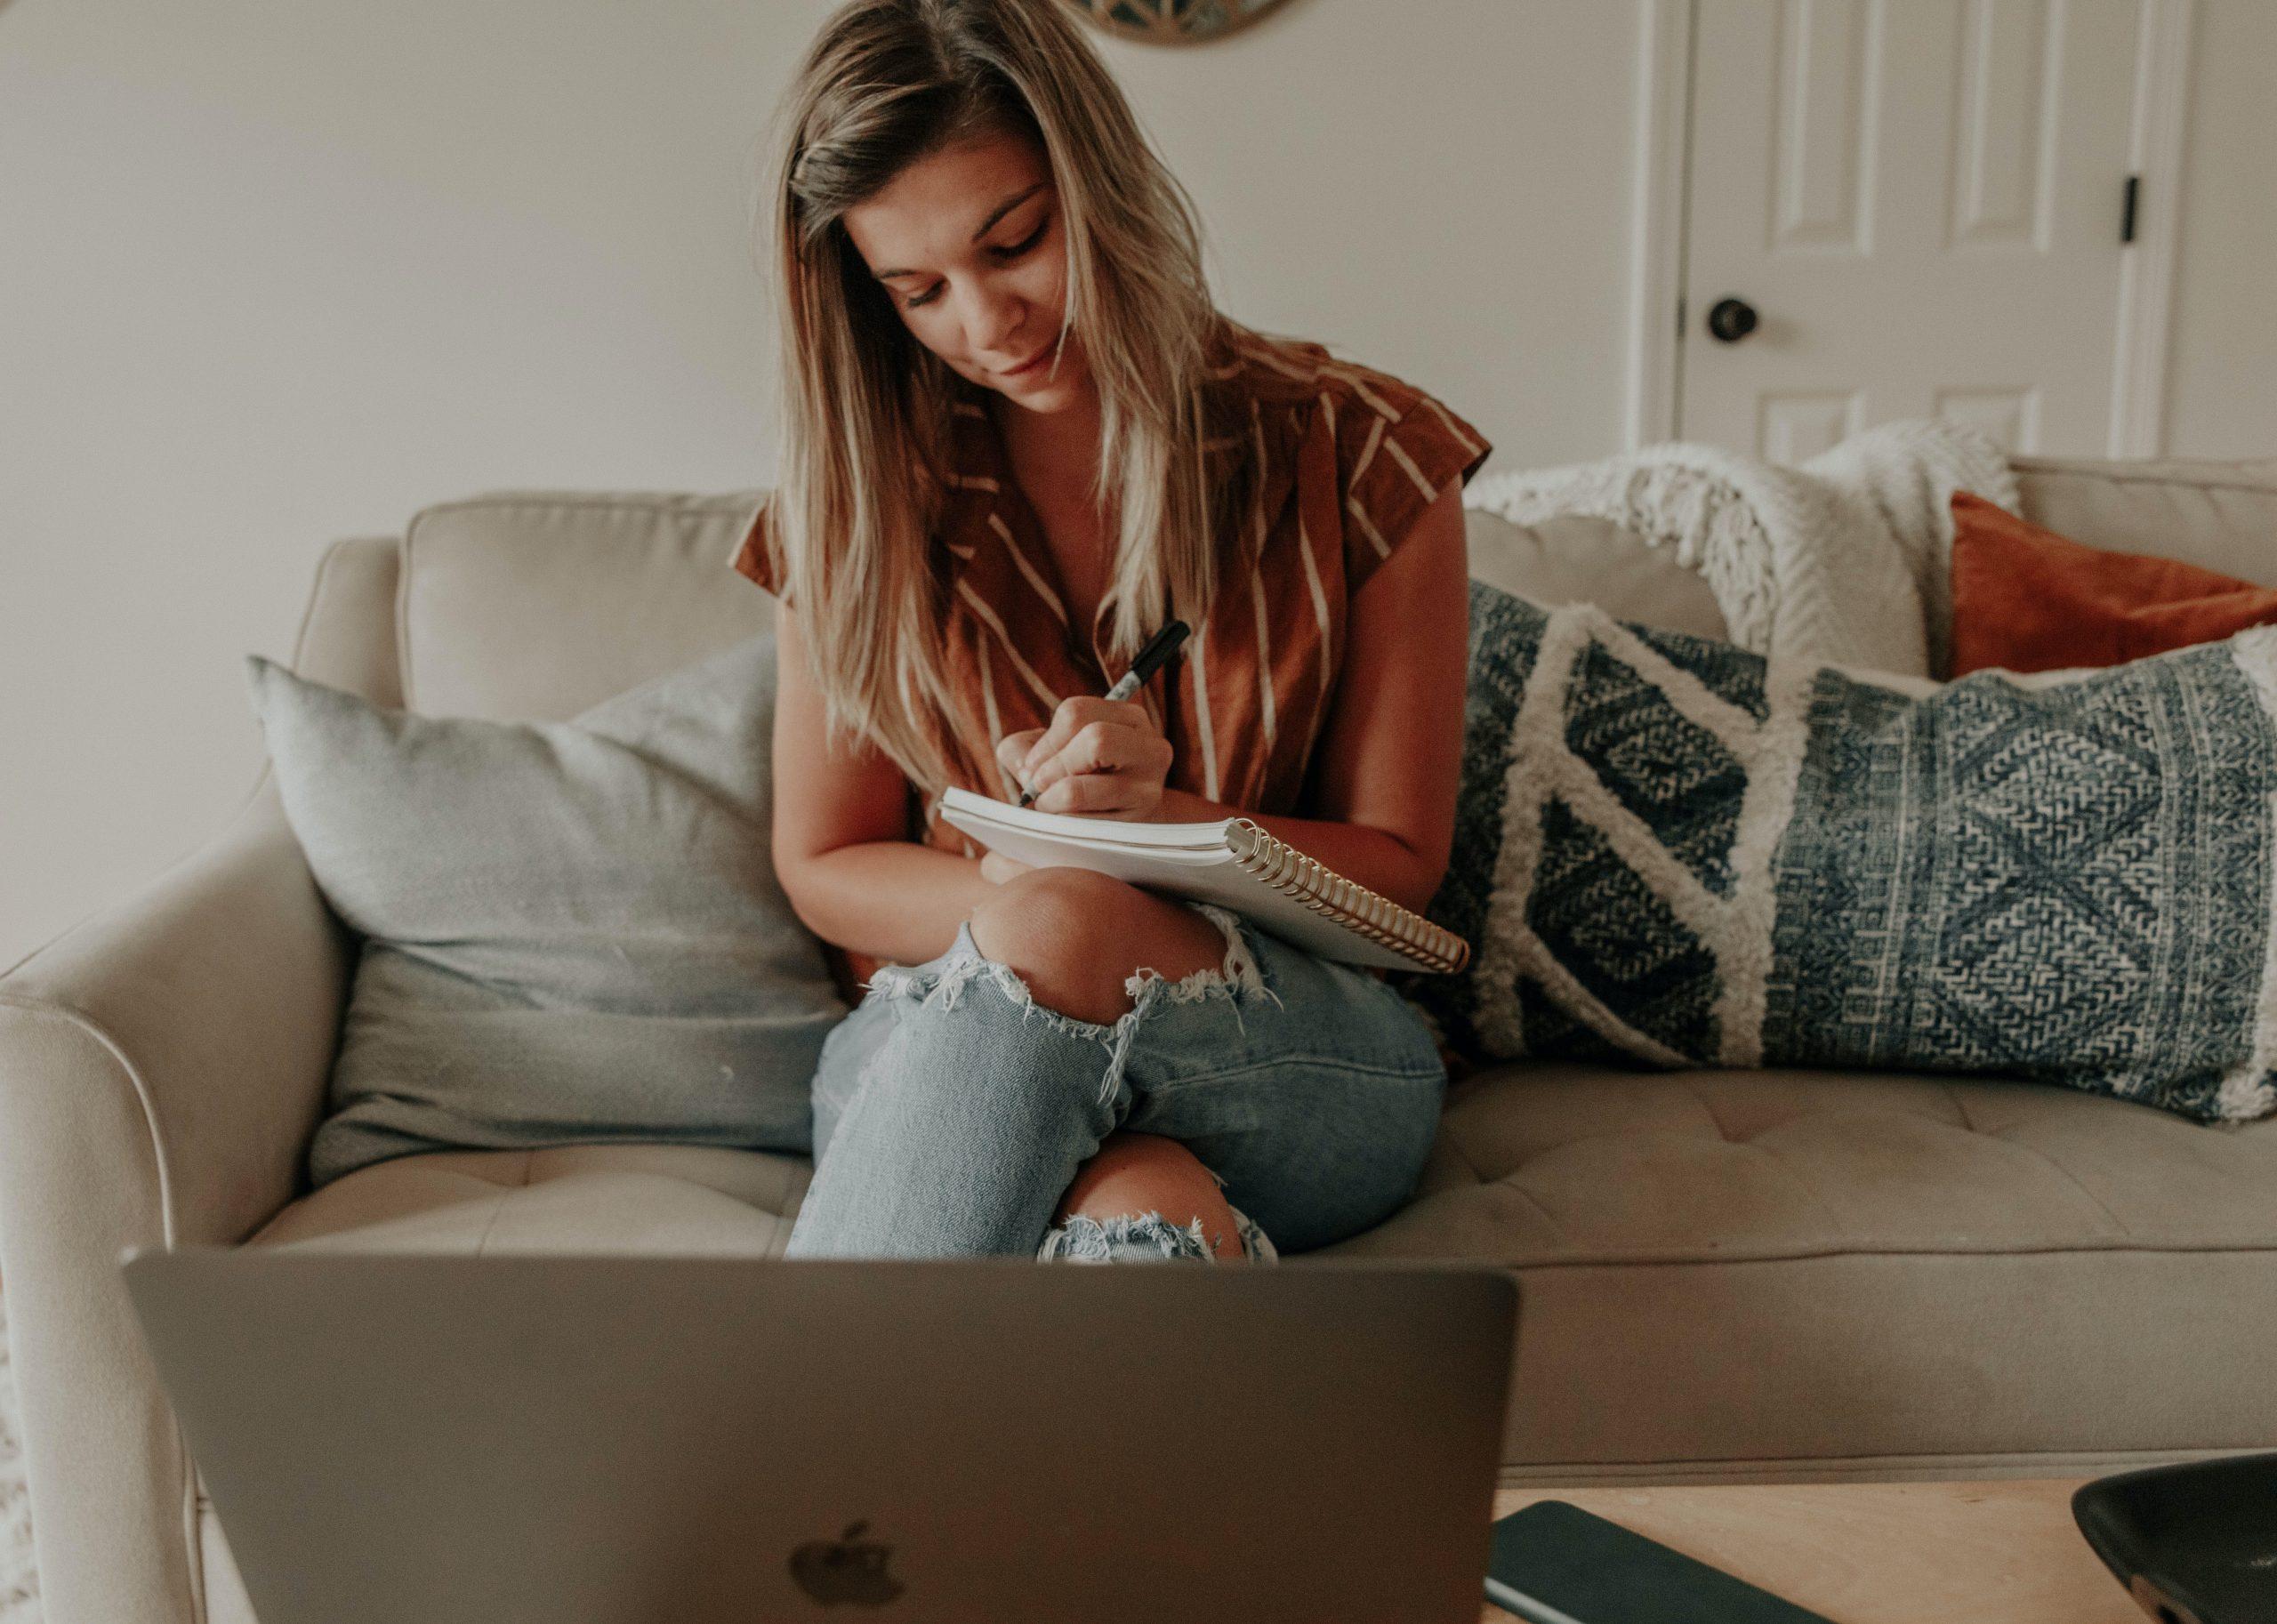 Woman watching WRCU webinar on laptop